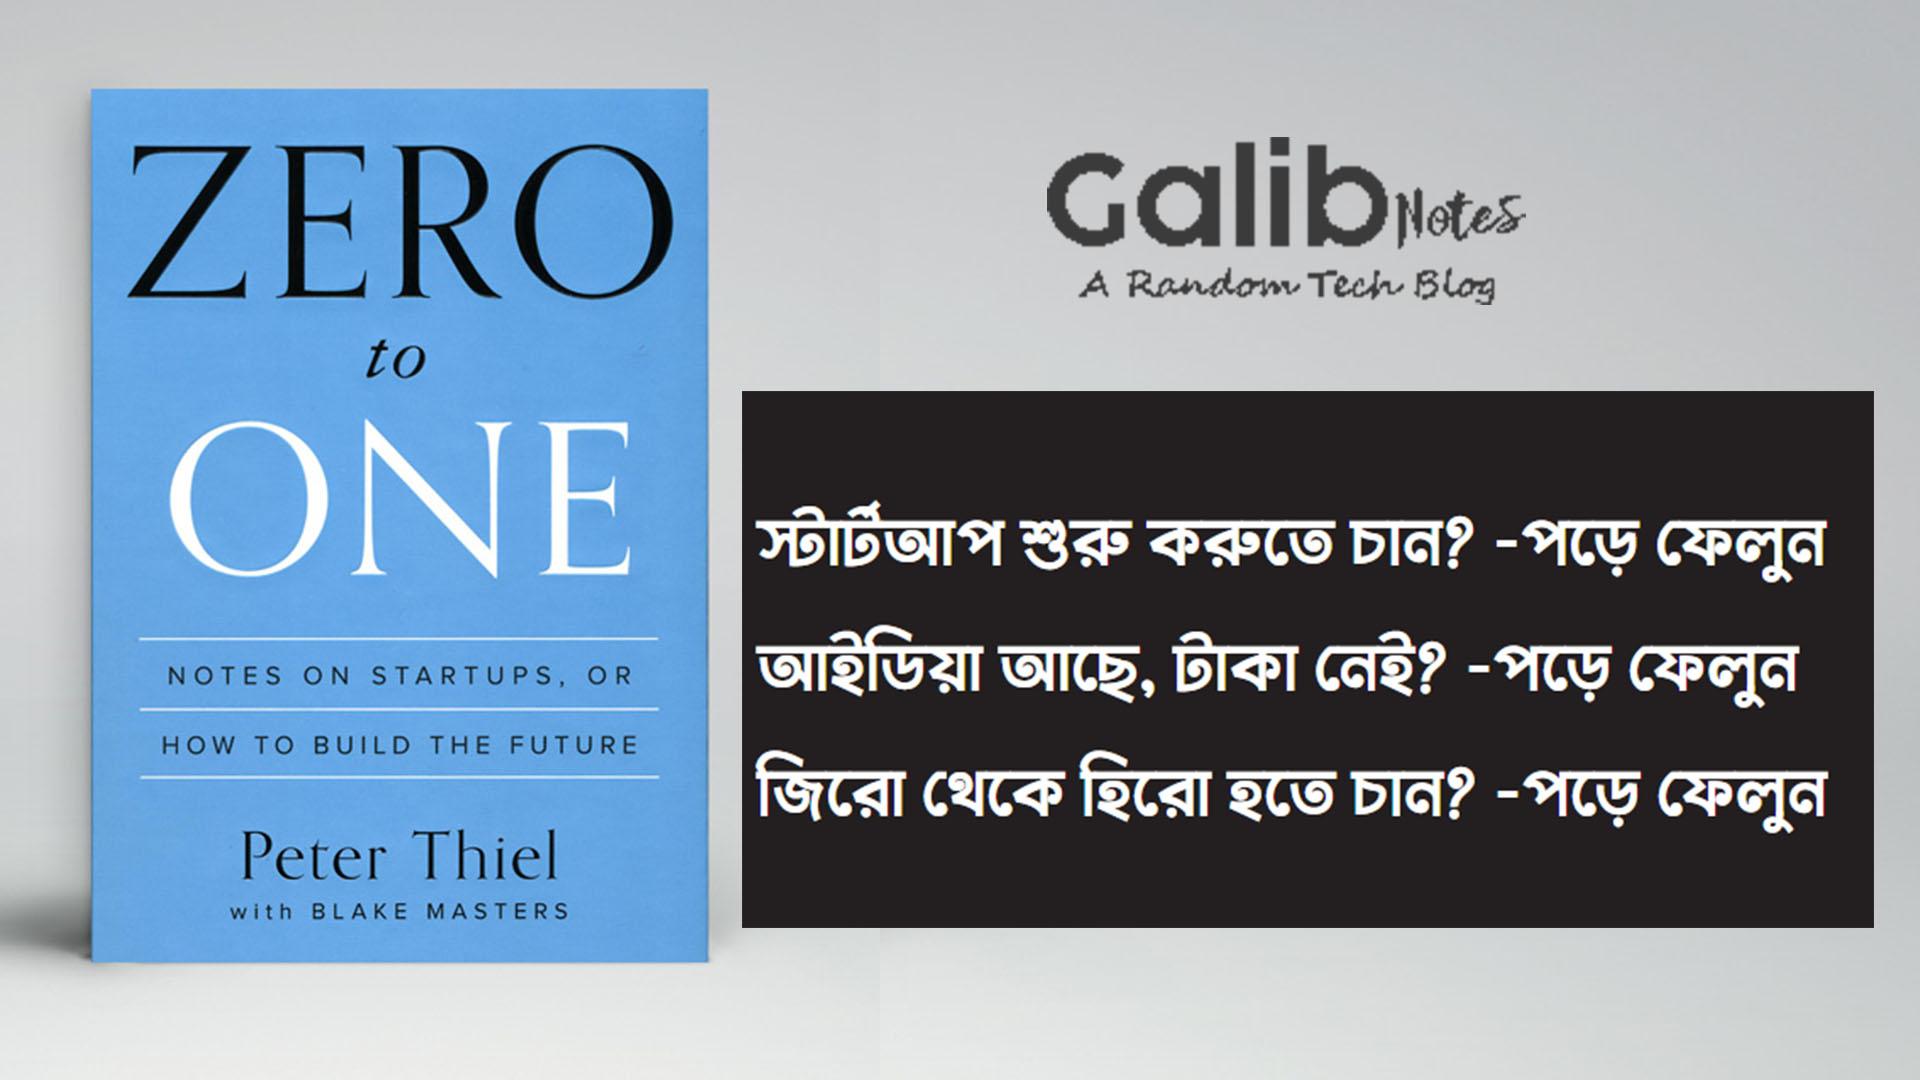 জিরো টু ওয়ান, Galib Notes